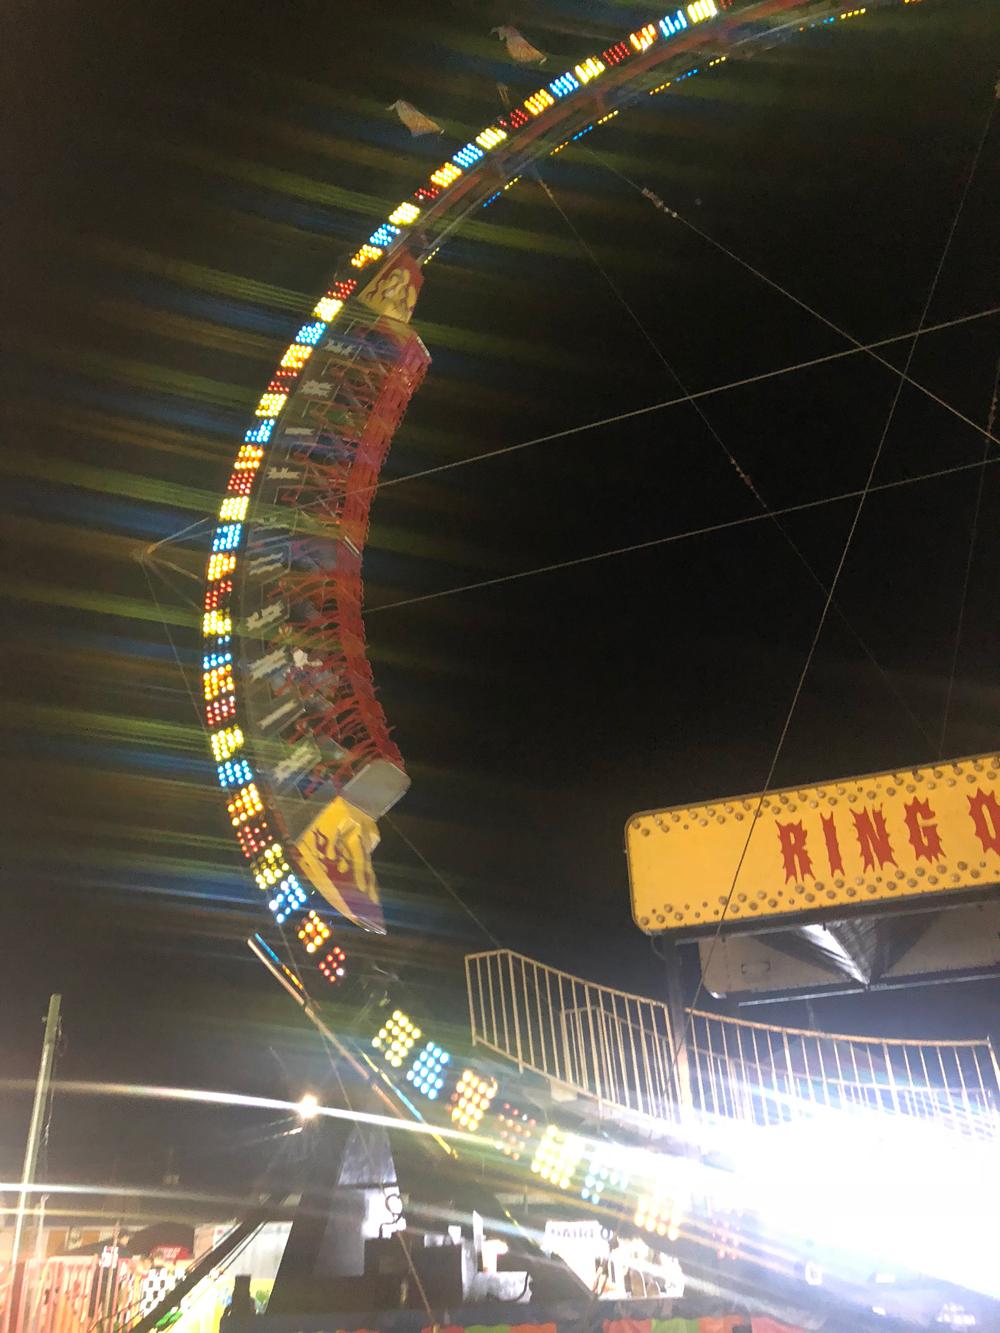 union-county-fair-games-rides (2)